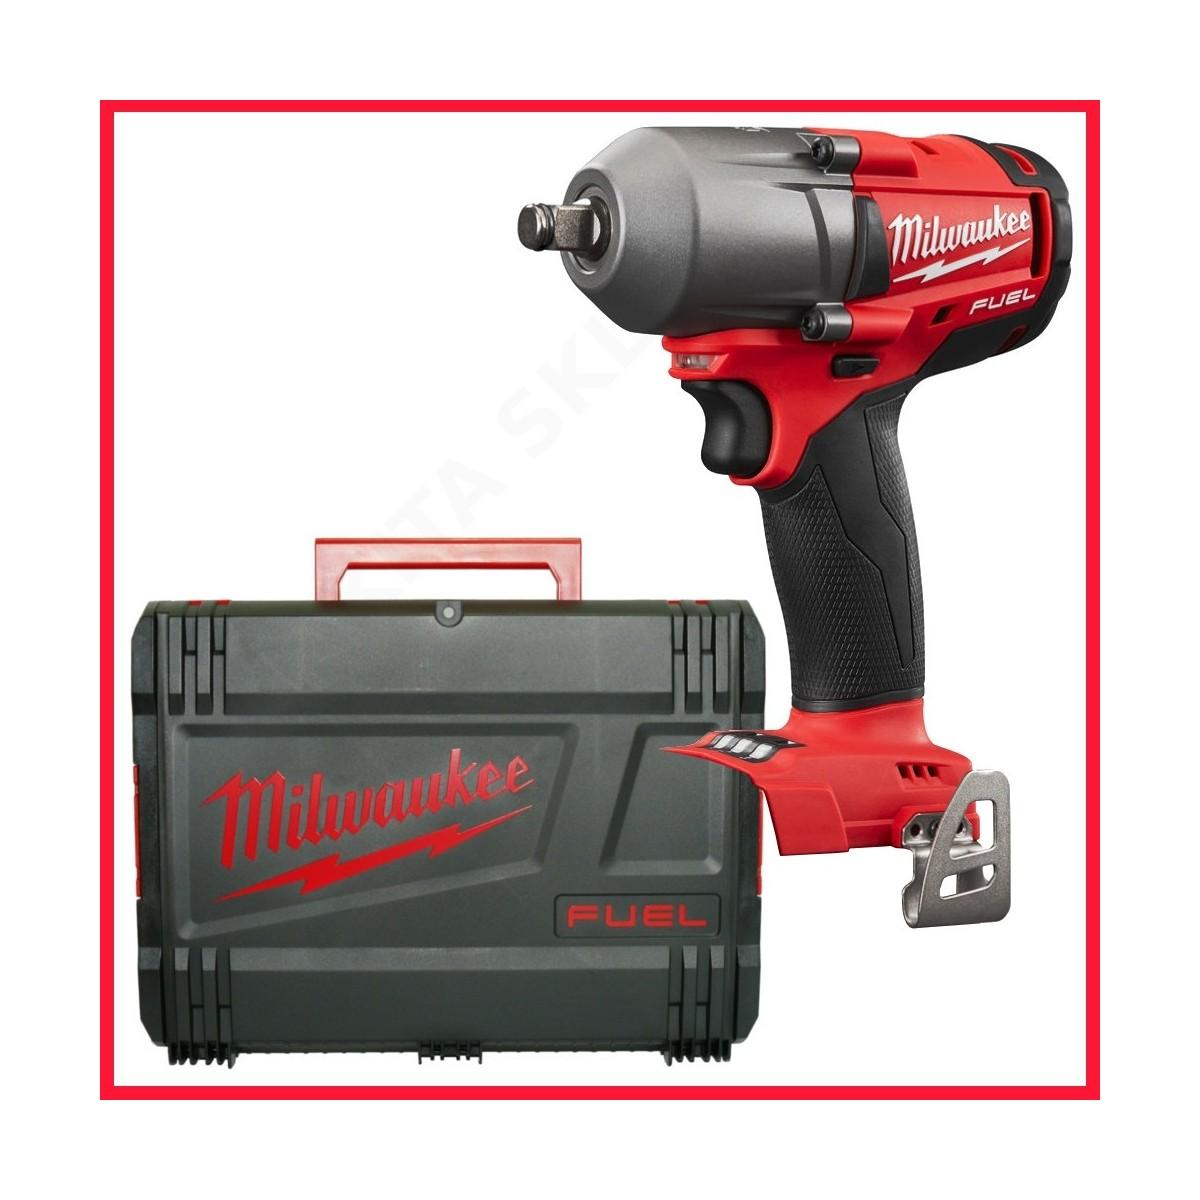 MILWAUKEE Cordless Impact Wrench M18 FMTIWF12-0X, 610Nm, SOLO, 4933459189